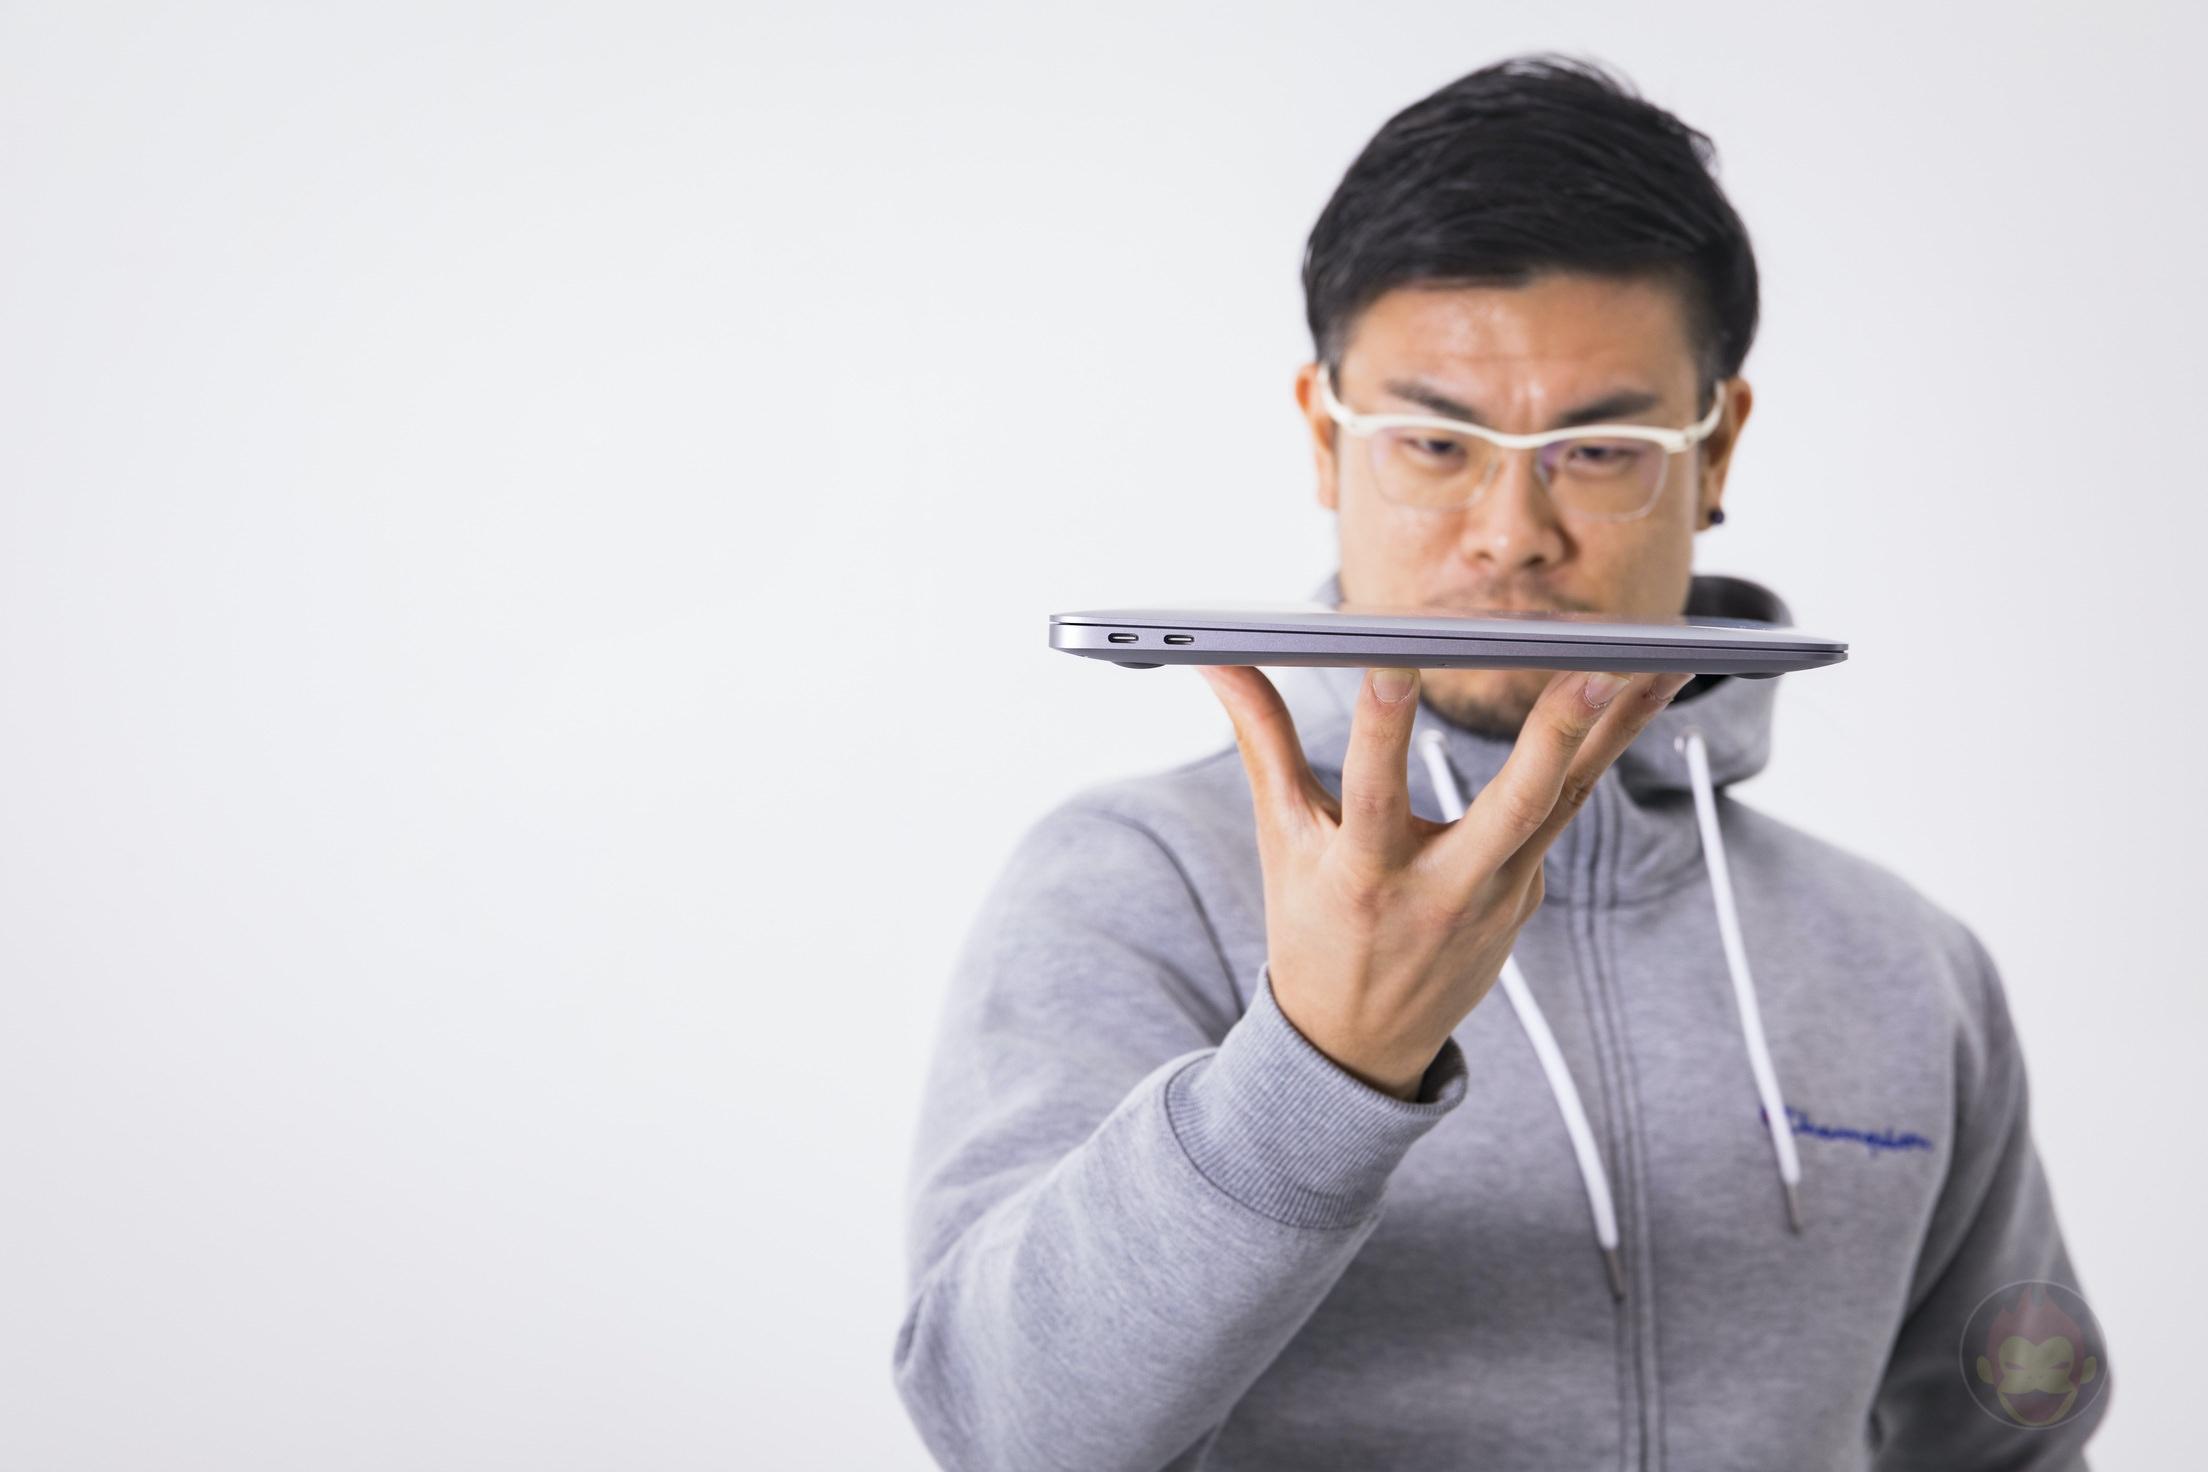 MacBook-Air-2018-GoriMe-Review-01.jpg